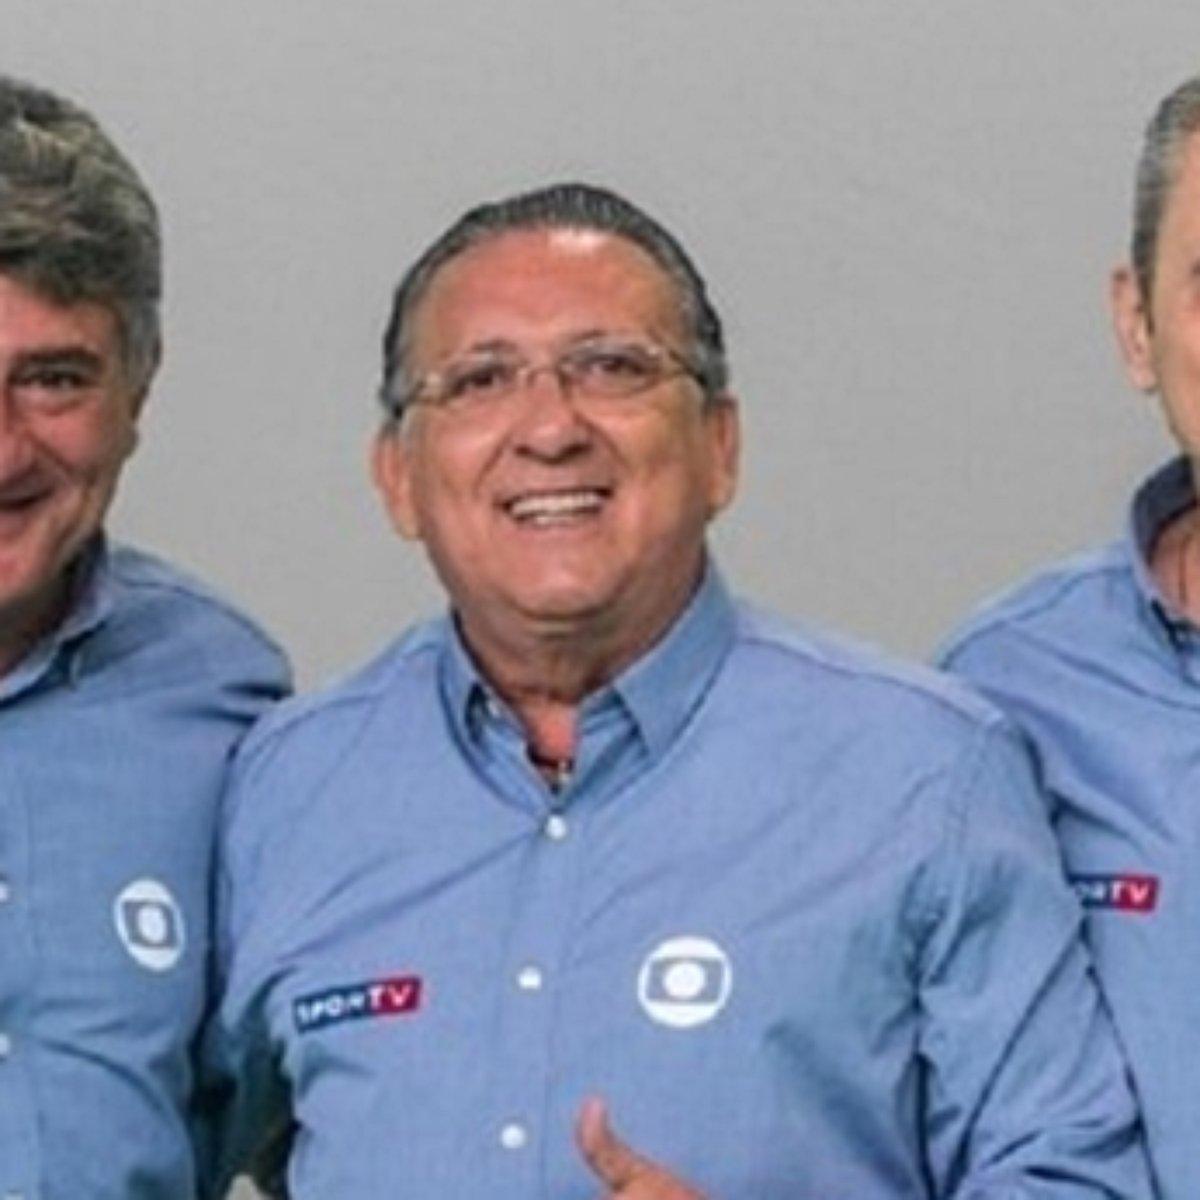 Copa Cléber E Luís Roberto Merecem Narrar Jogo Da Seleção